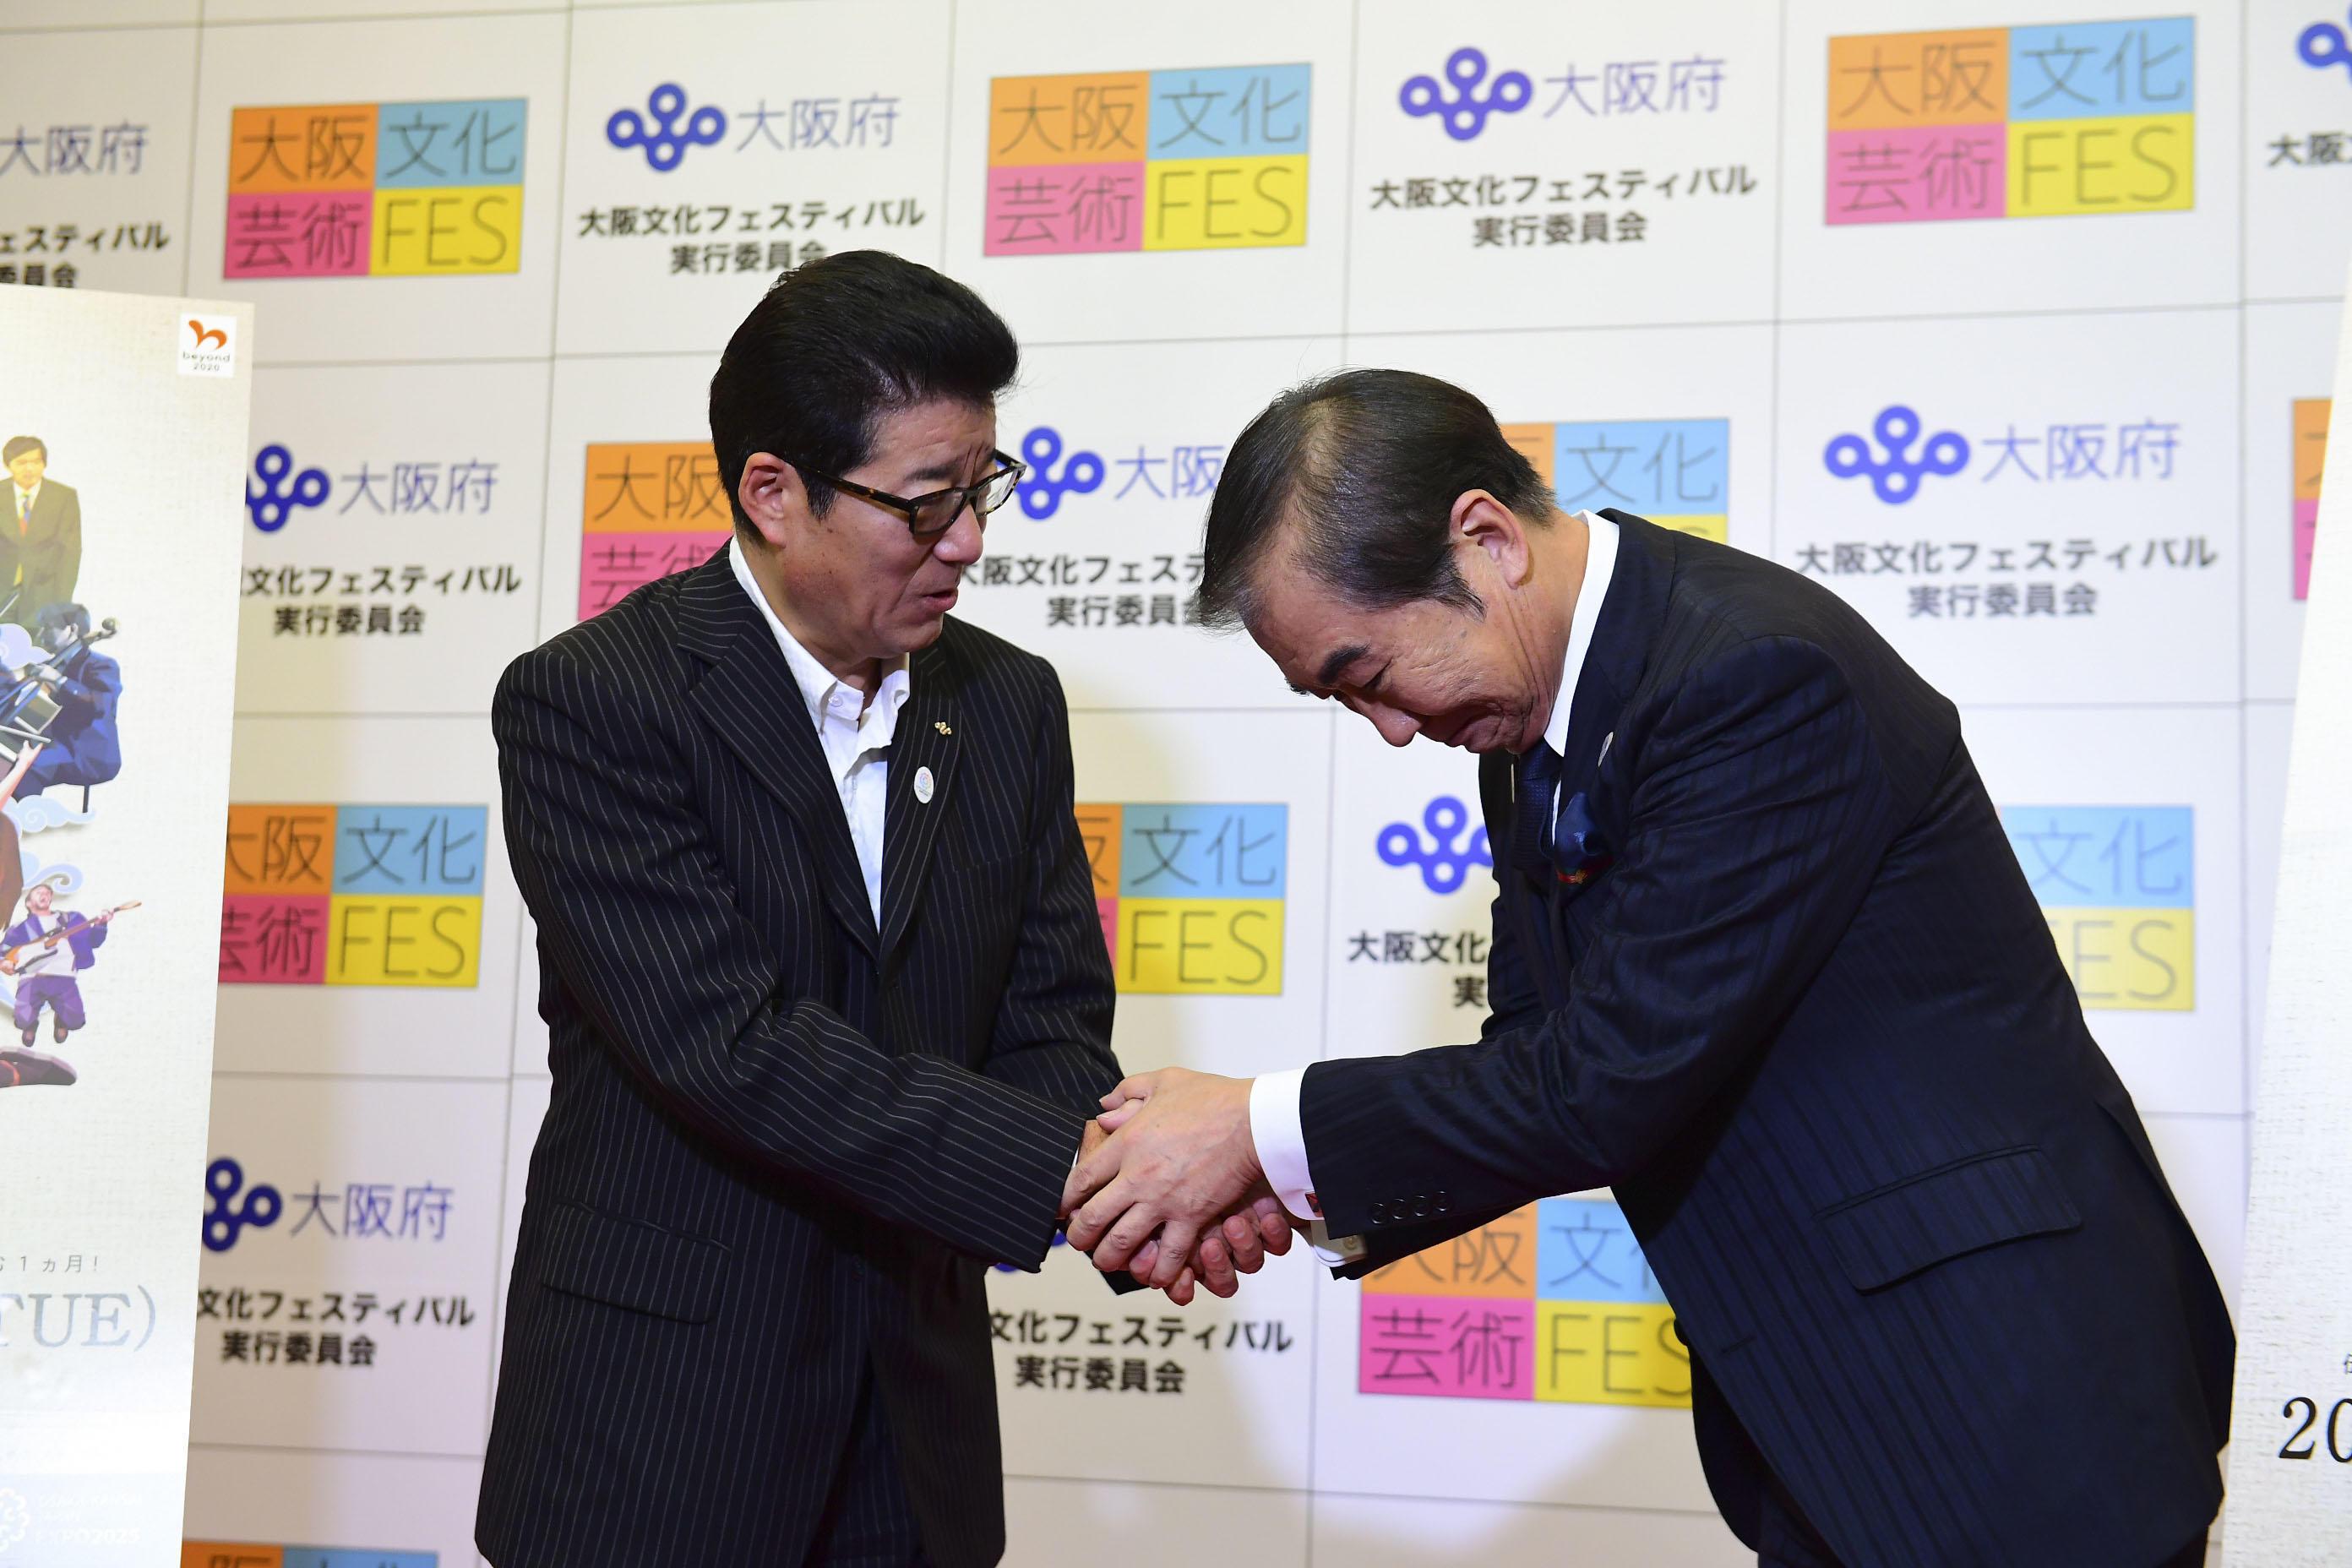 http://news.yoshimoto.co.jp/20170927102613-640a8c11bc27f2f8dbabccf1b7a2ae63685f8c4e.jpg